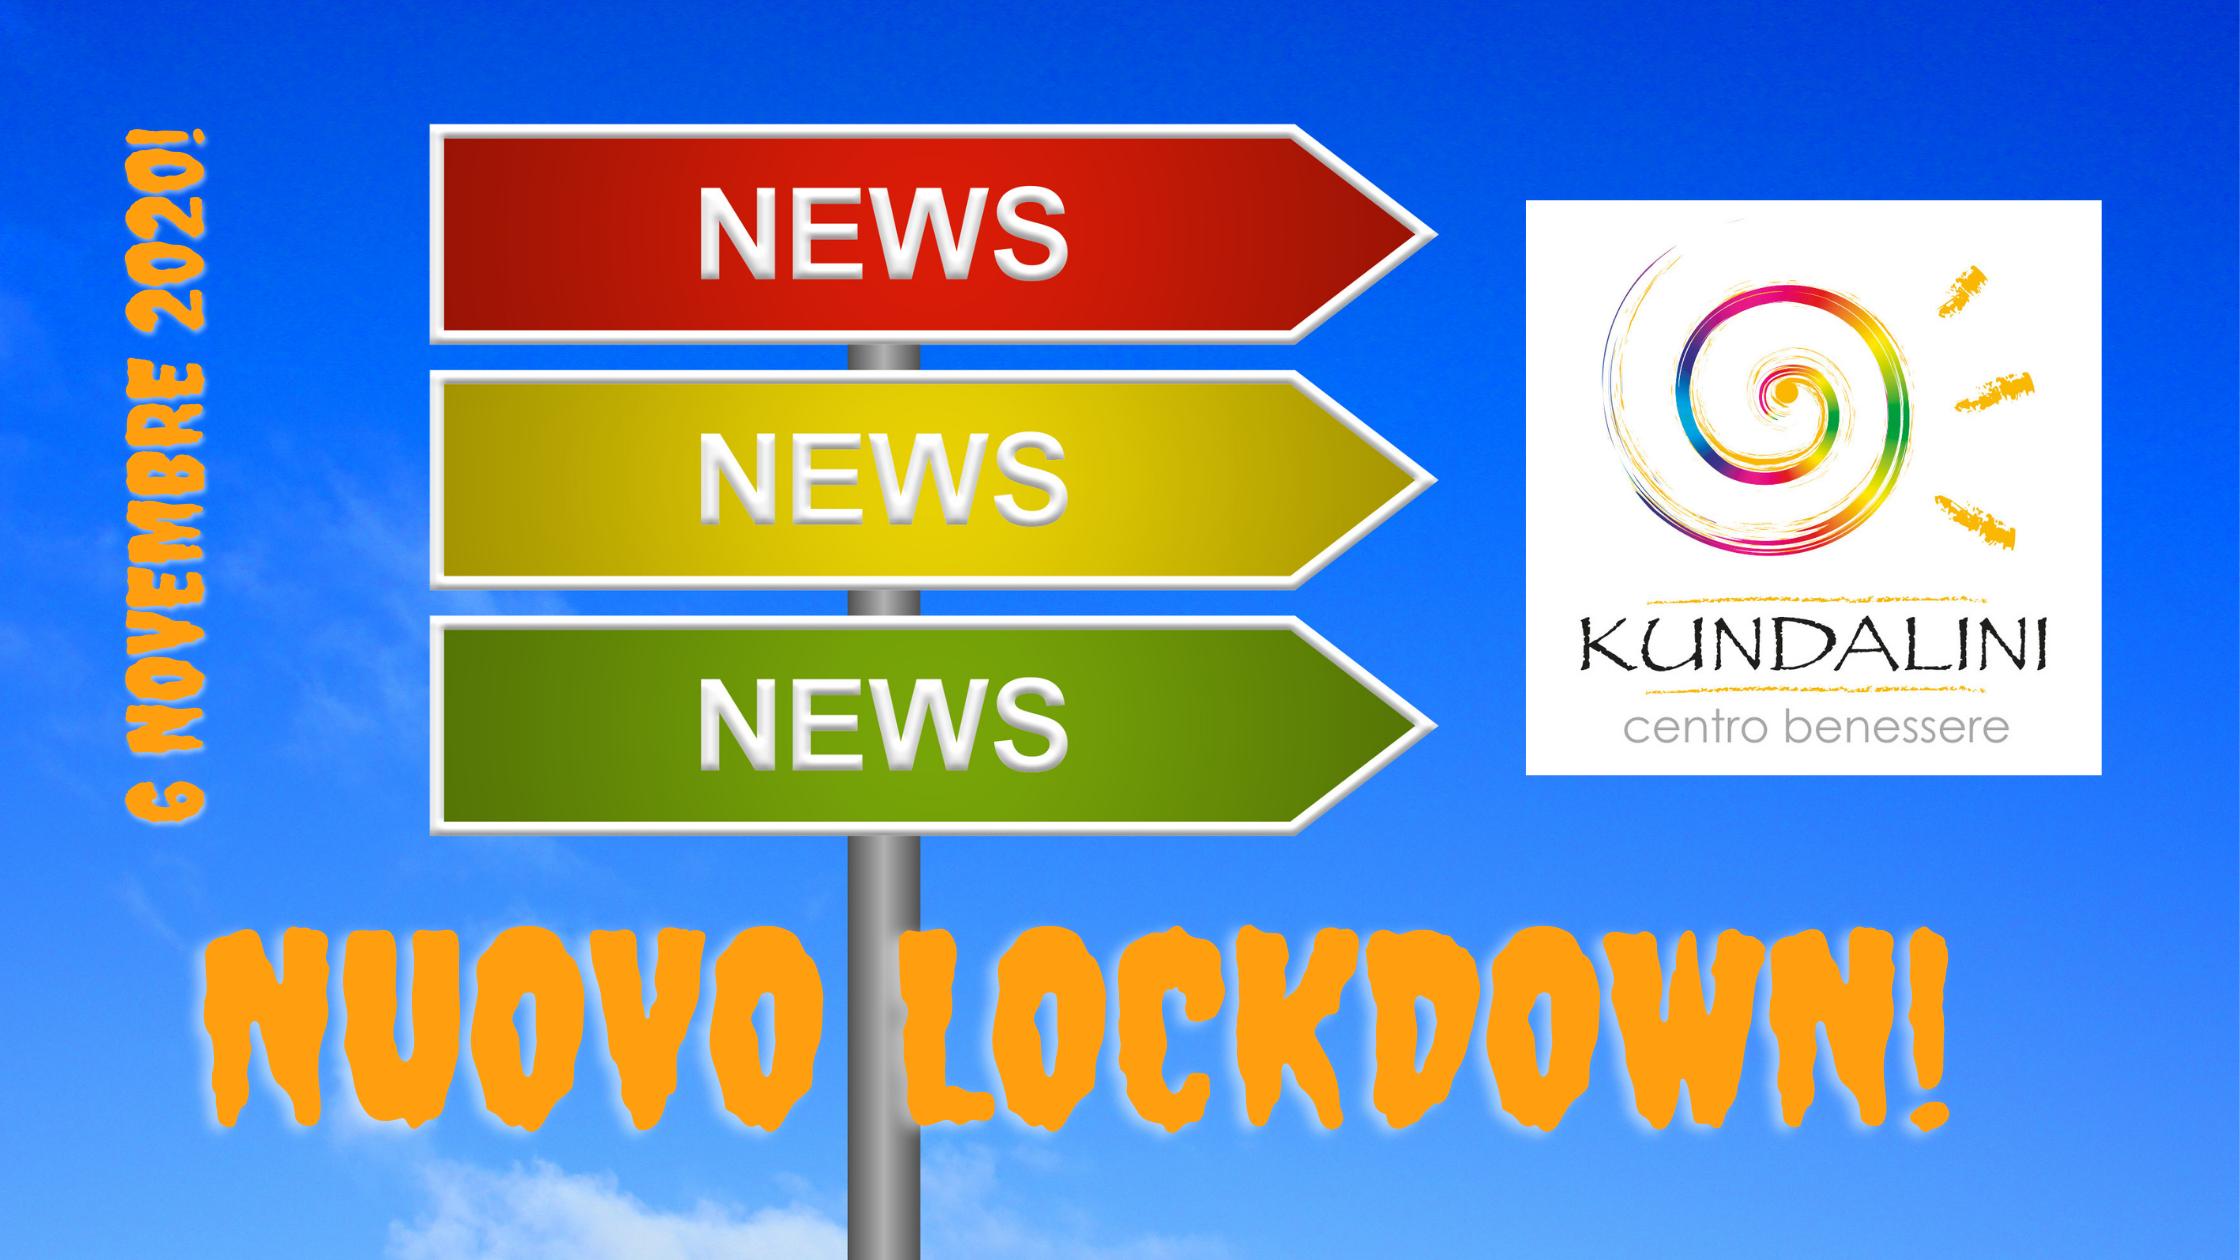 Nuovo Lockdown!